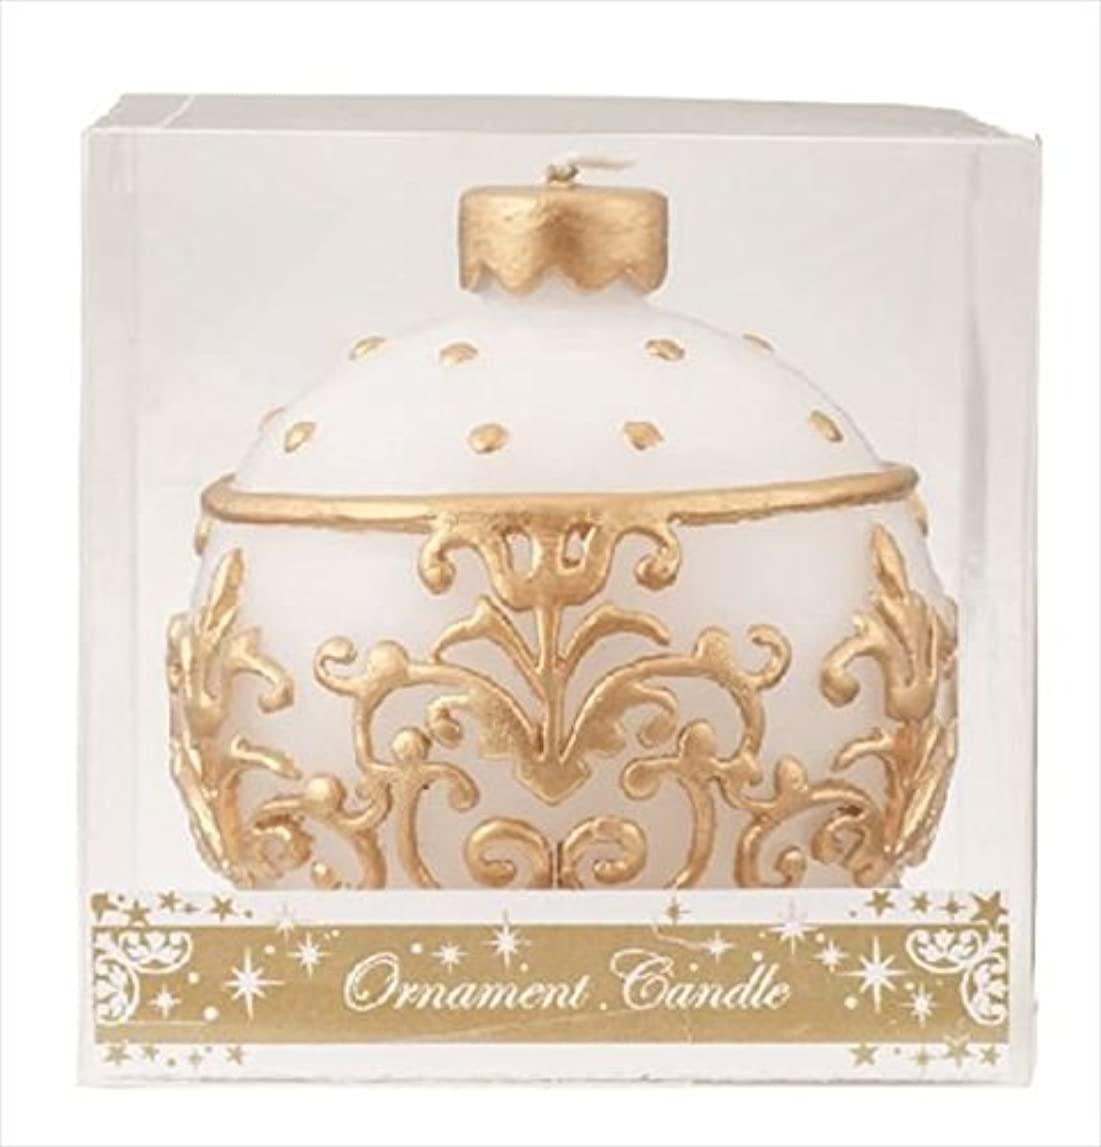 してはいけません不毛のレーザkameyama candle(カメヤマキャンドル) オーナメントキャンドル 「 ホワイト 」(A4440000W)